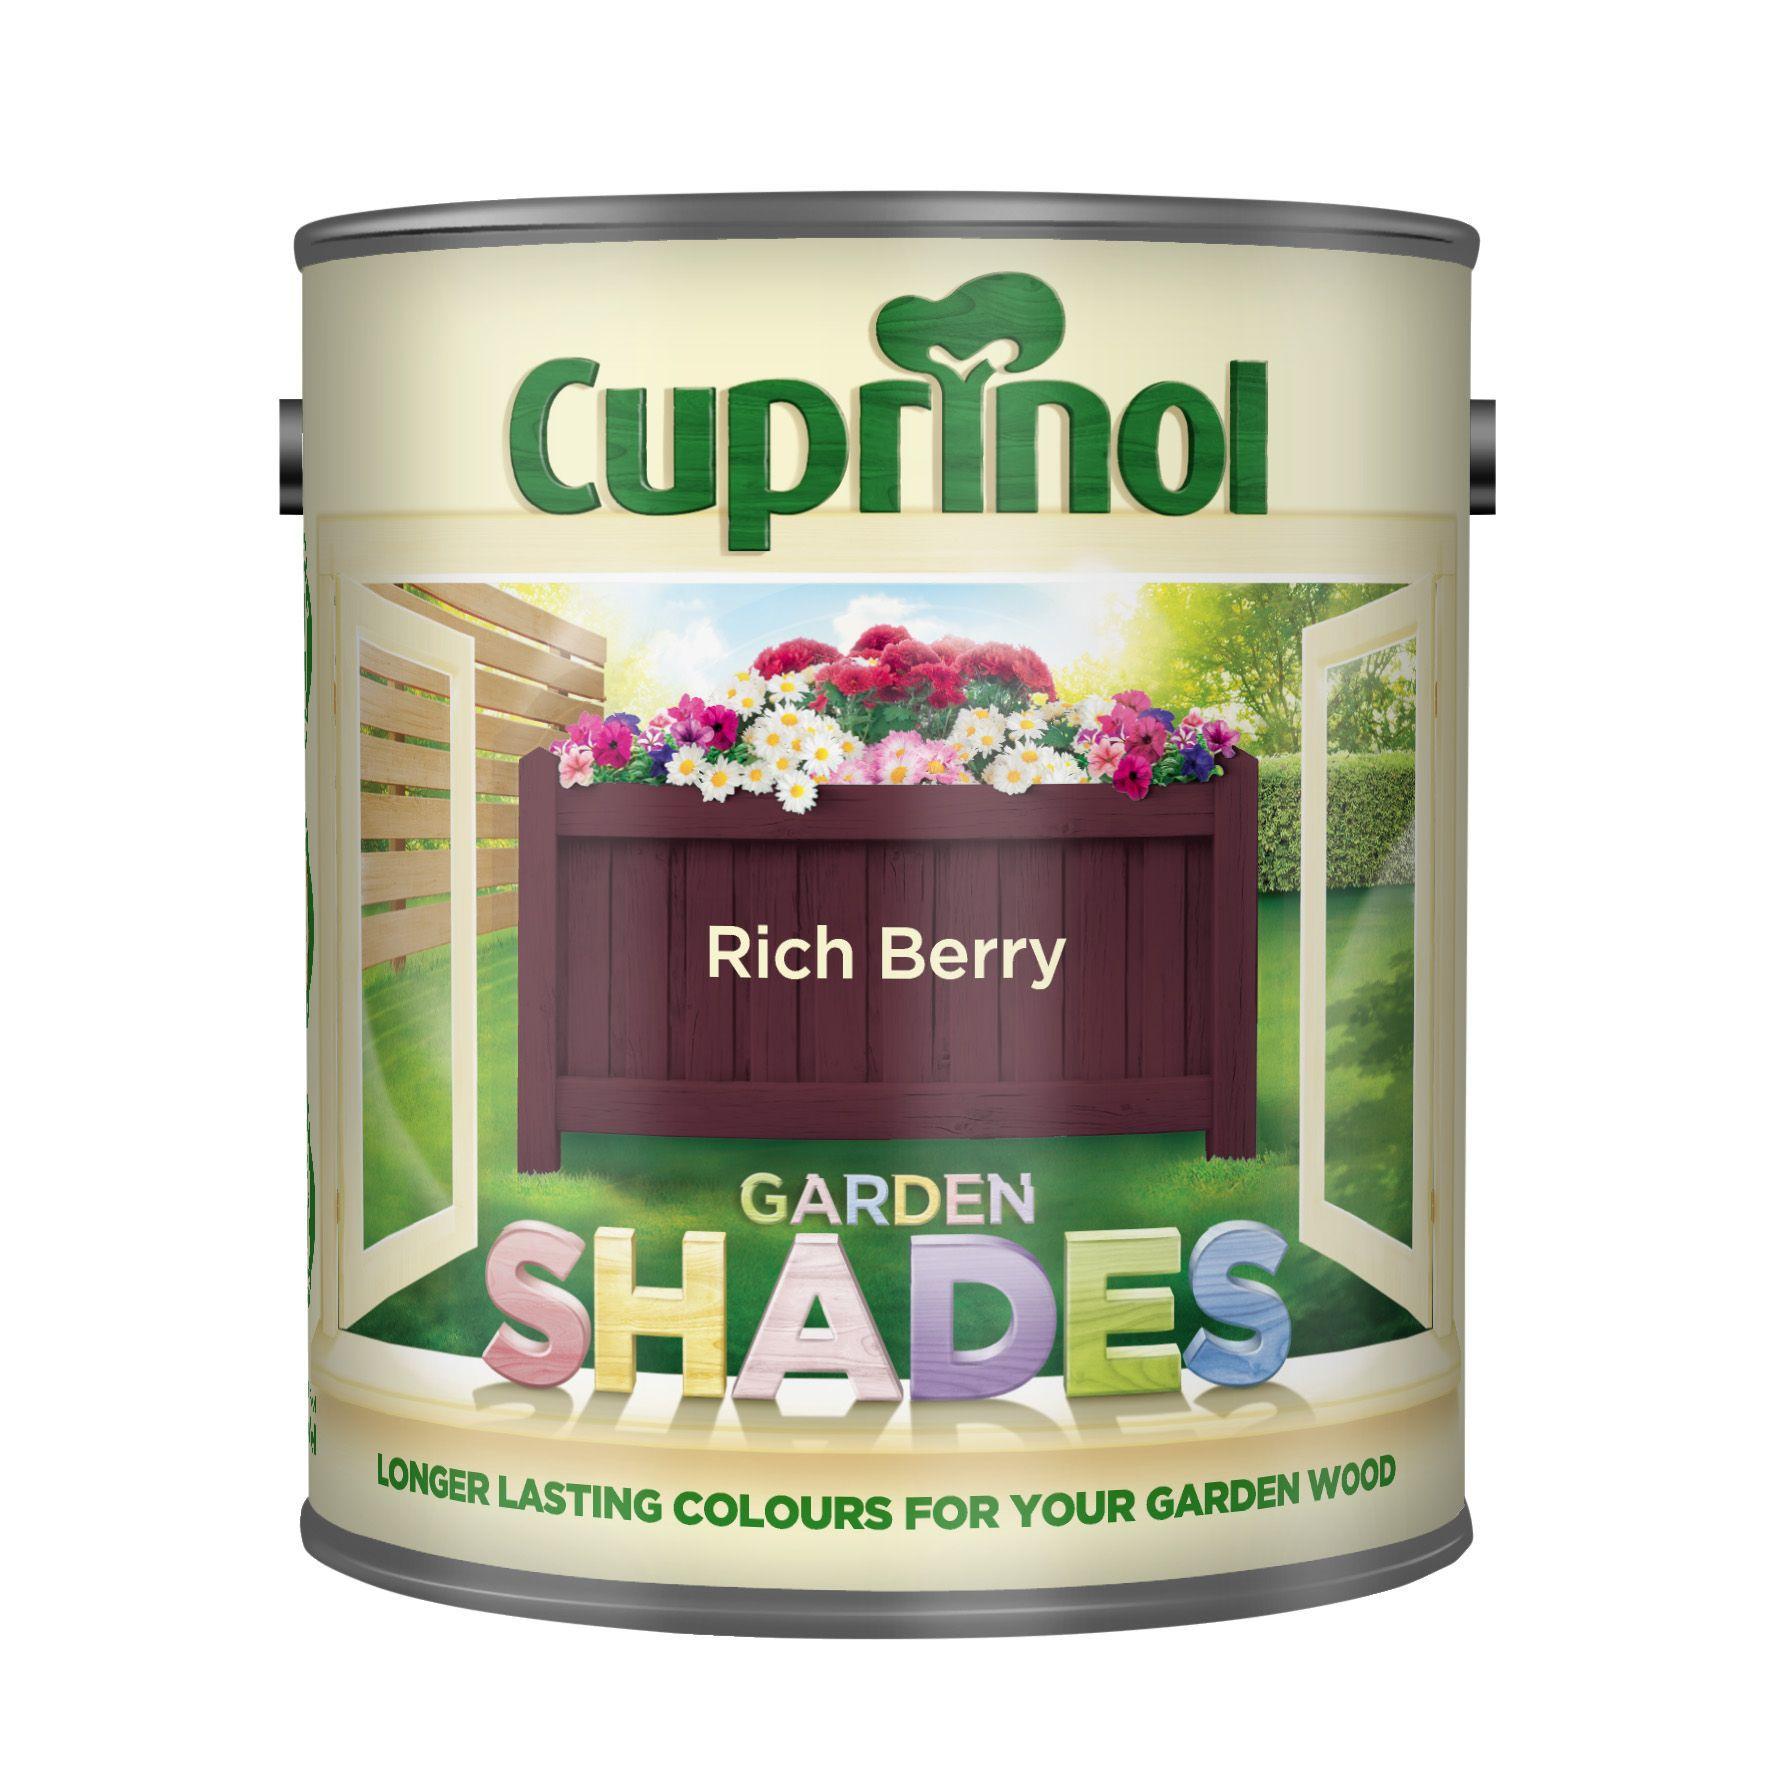 Cuprinol Garden Shades Rich Berry Matt Wood Paint 1L  Departments  DIY at BQ